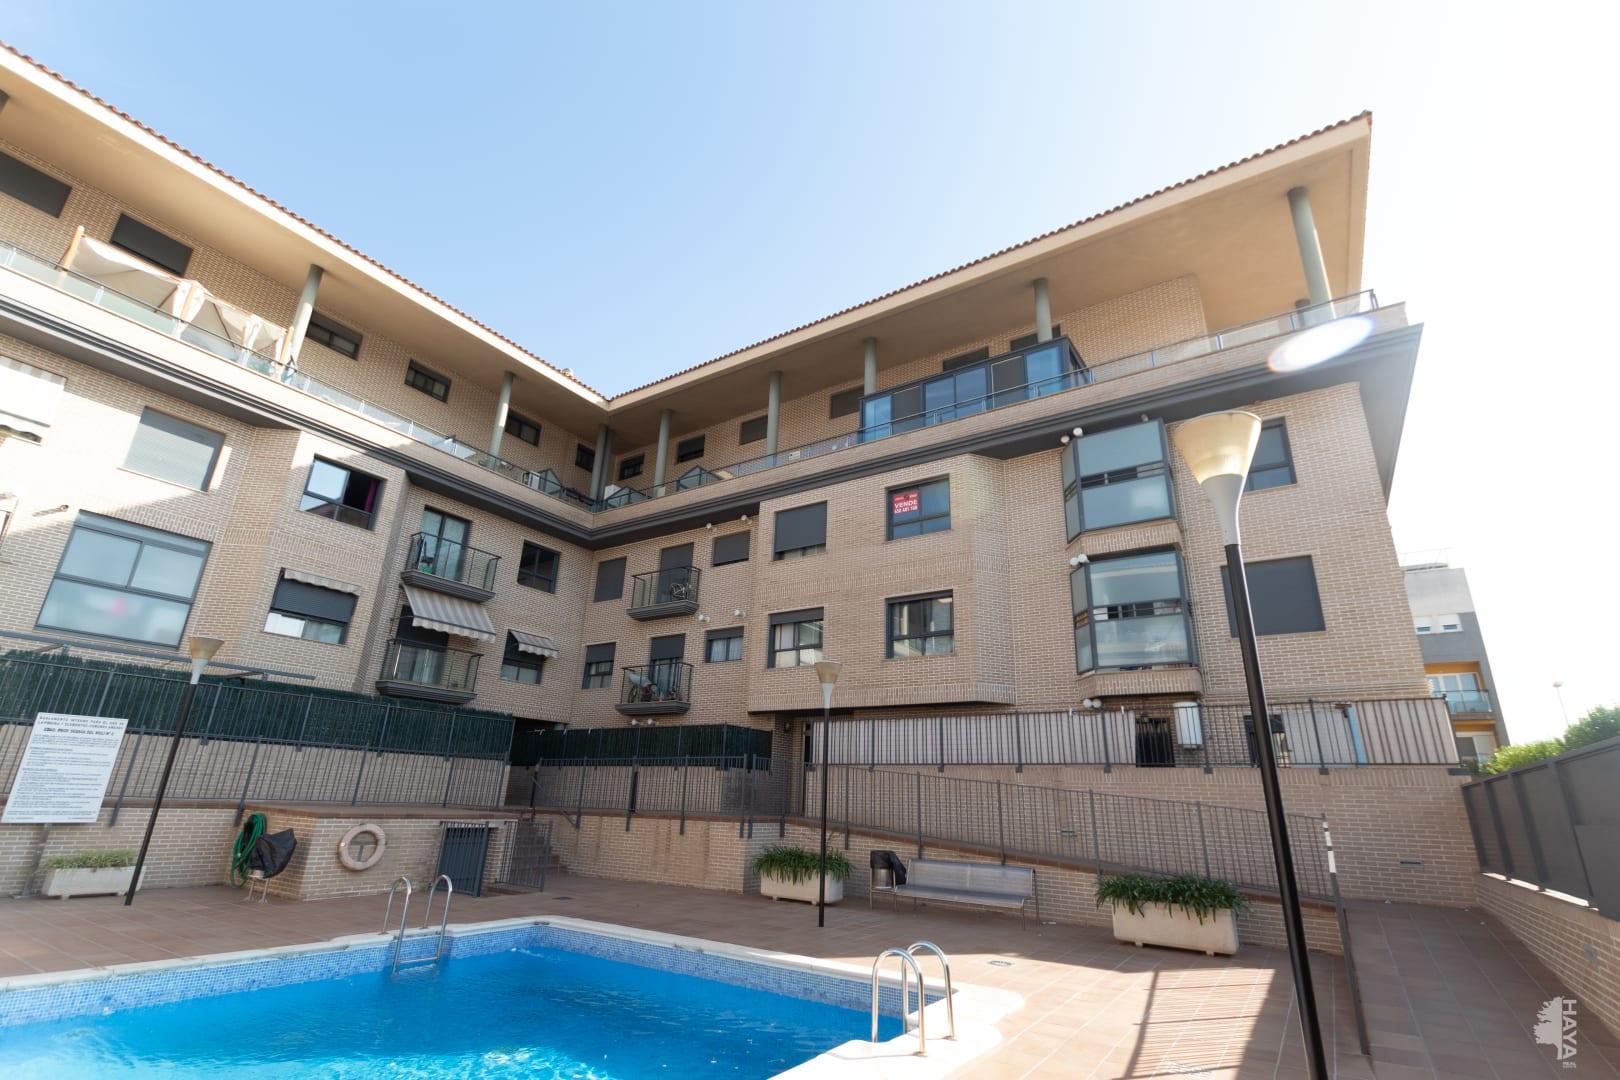 Piso en venta en Silla, Valencia, Calle Squia del Moli, 126.025 €, 2 habitaciones, 1 baño, 102 m2